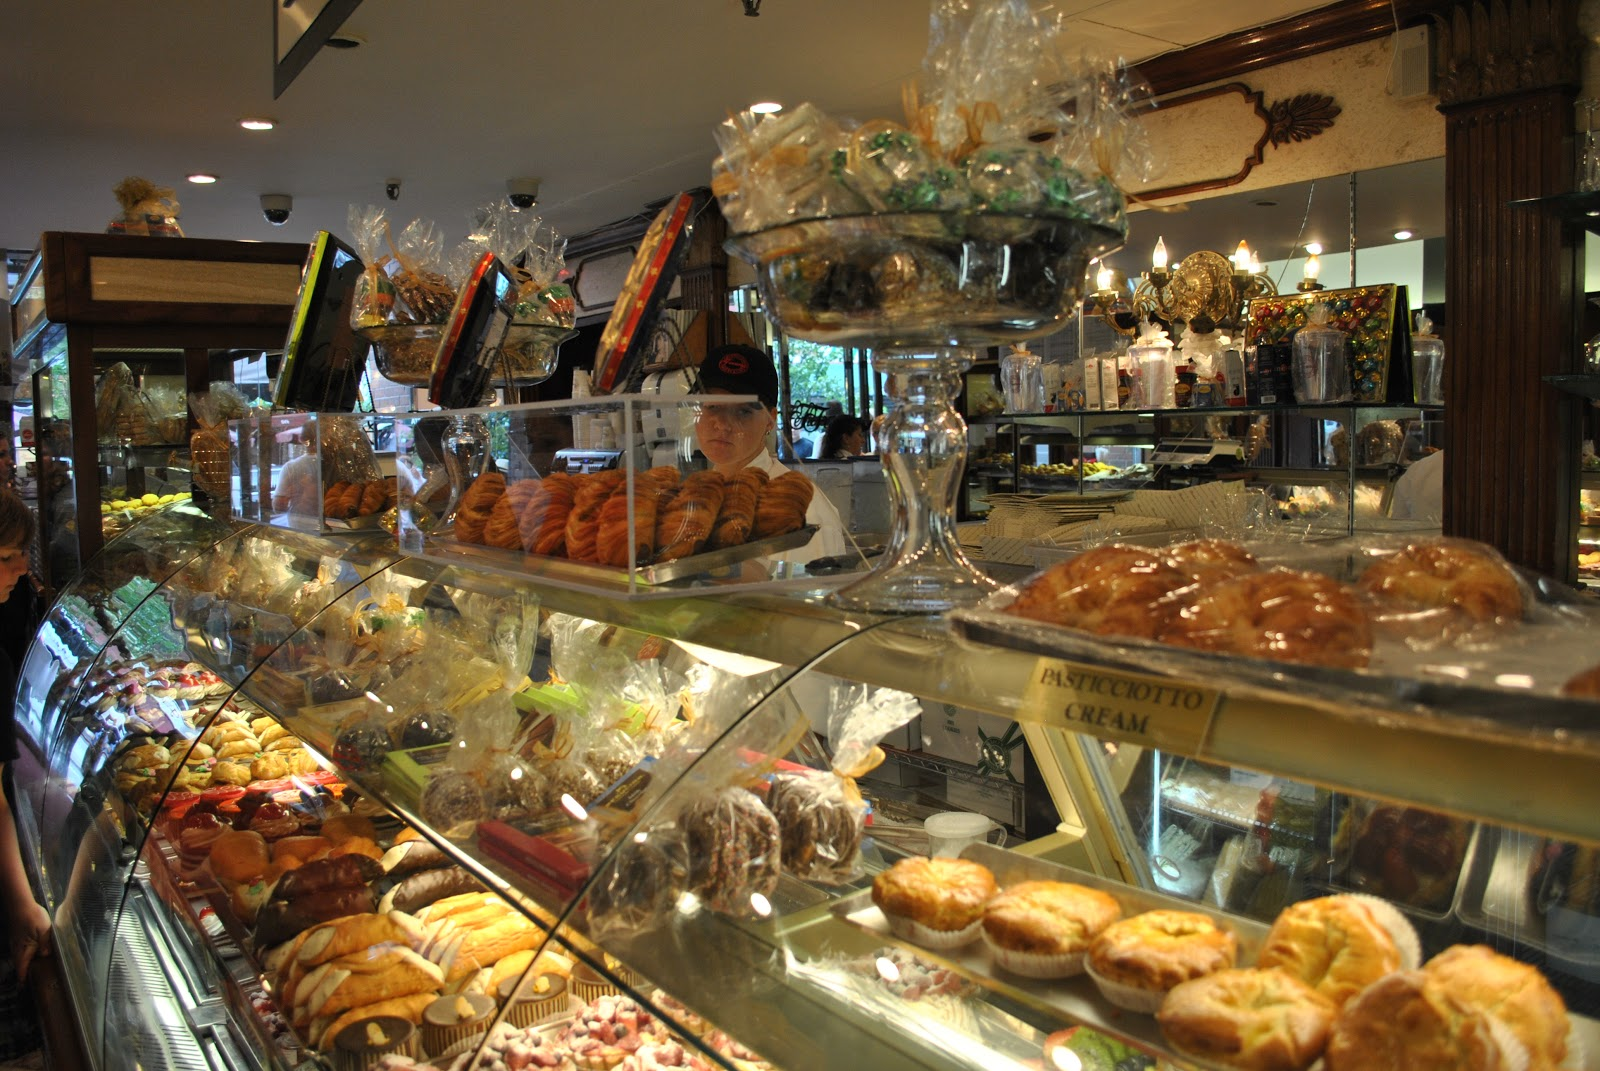 Bite Bakery And Cafe Utica Ny